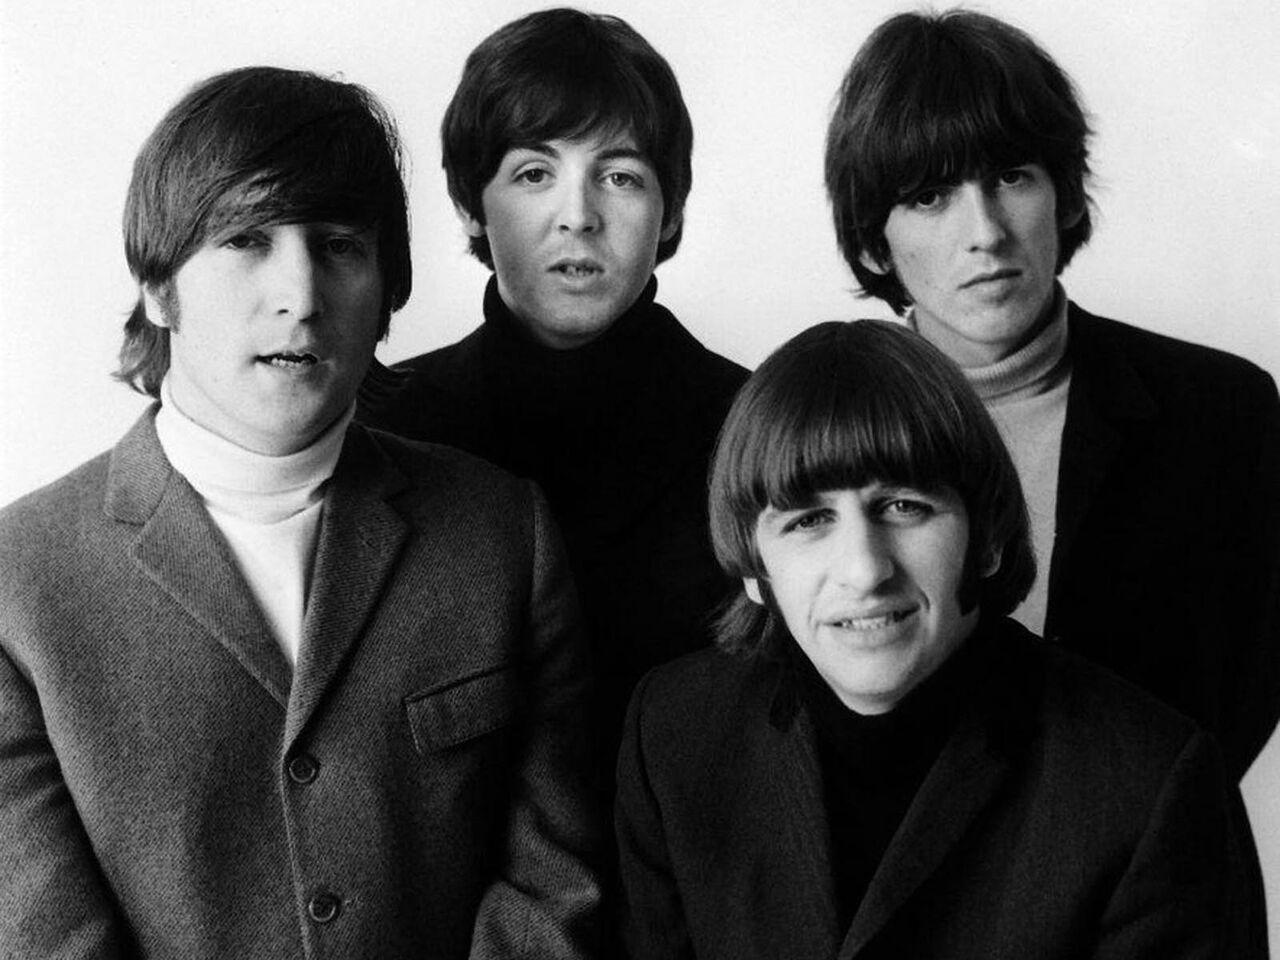 Маккартни рассказал обэротическом эпизоде сучастием Леннона и нежданной концовкой